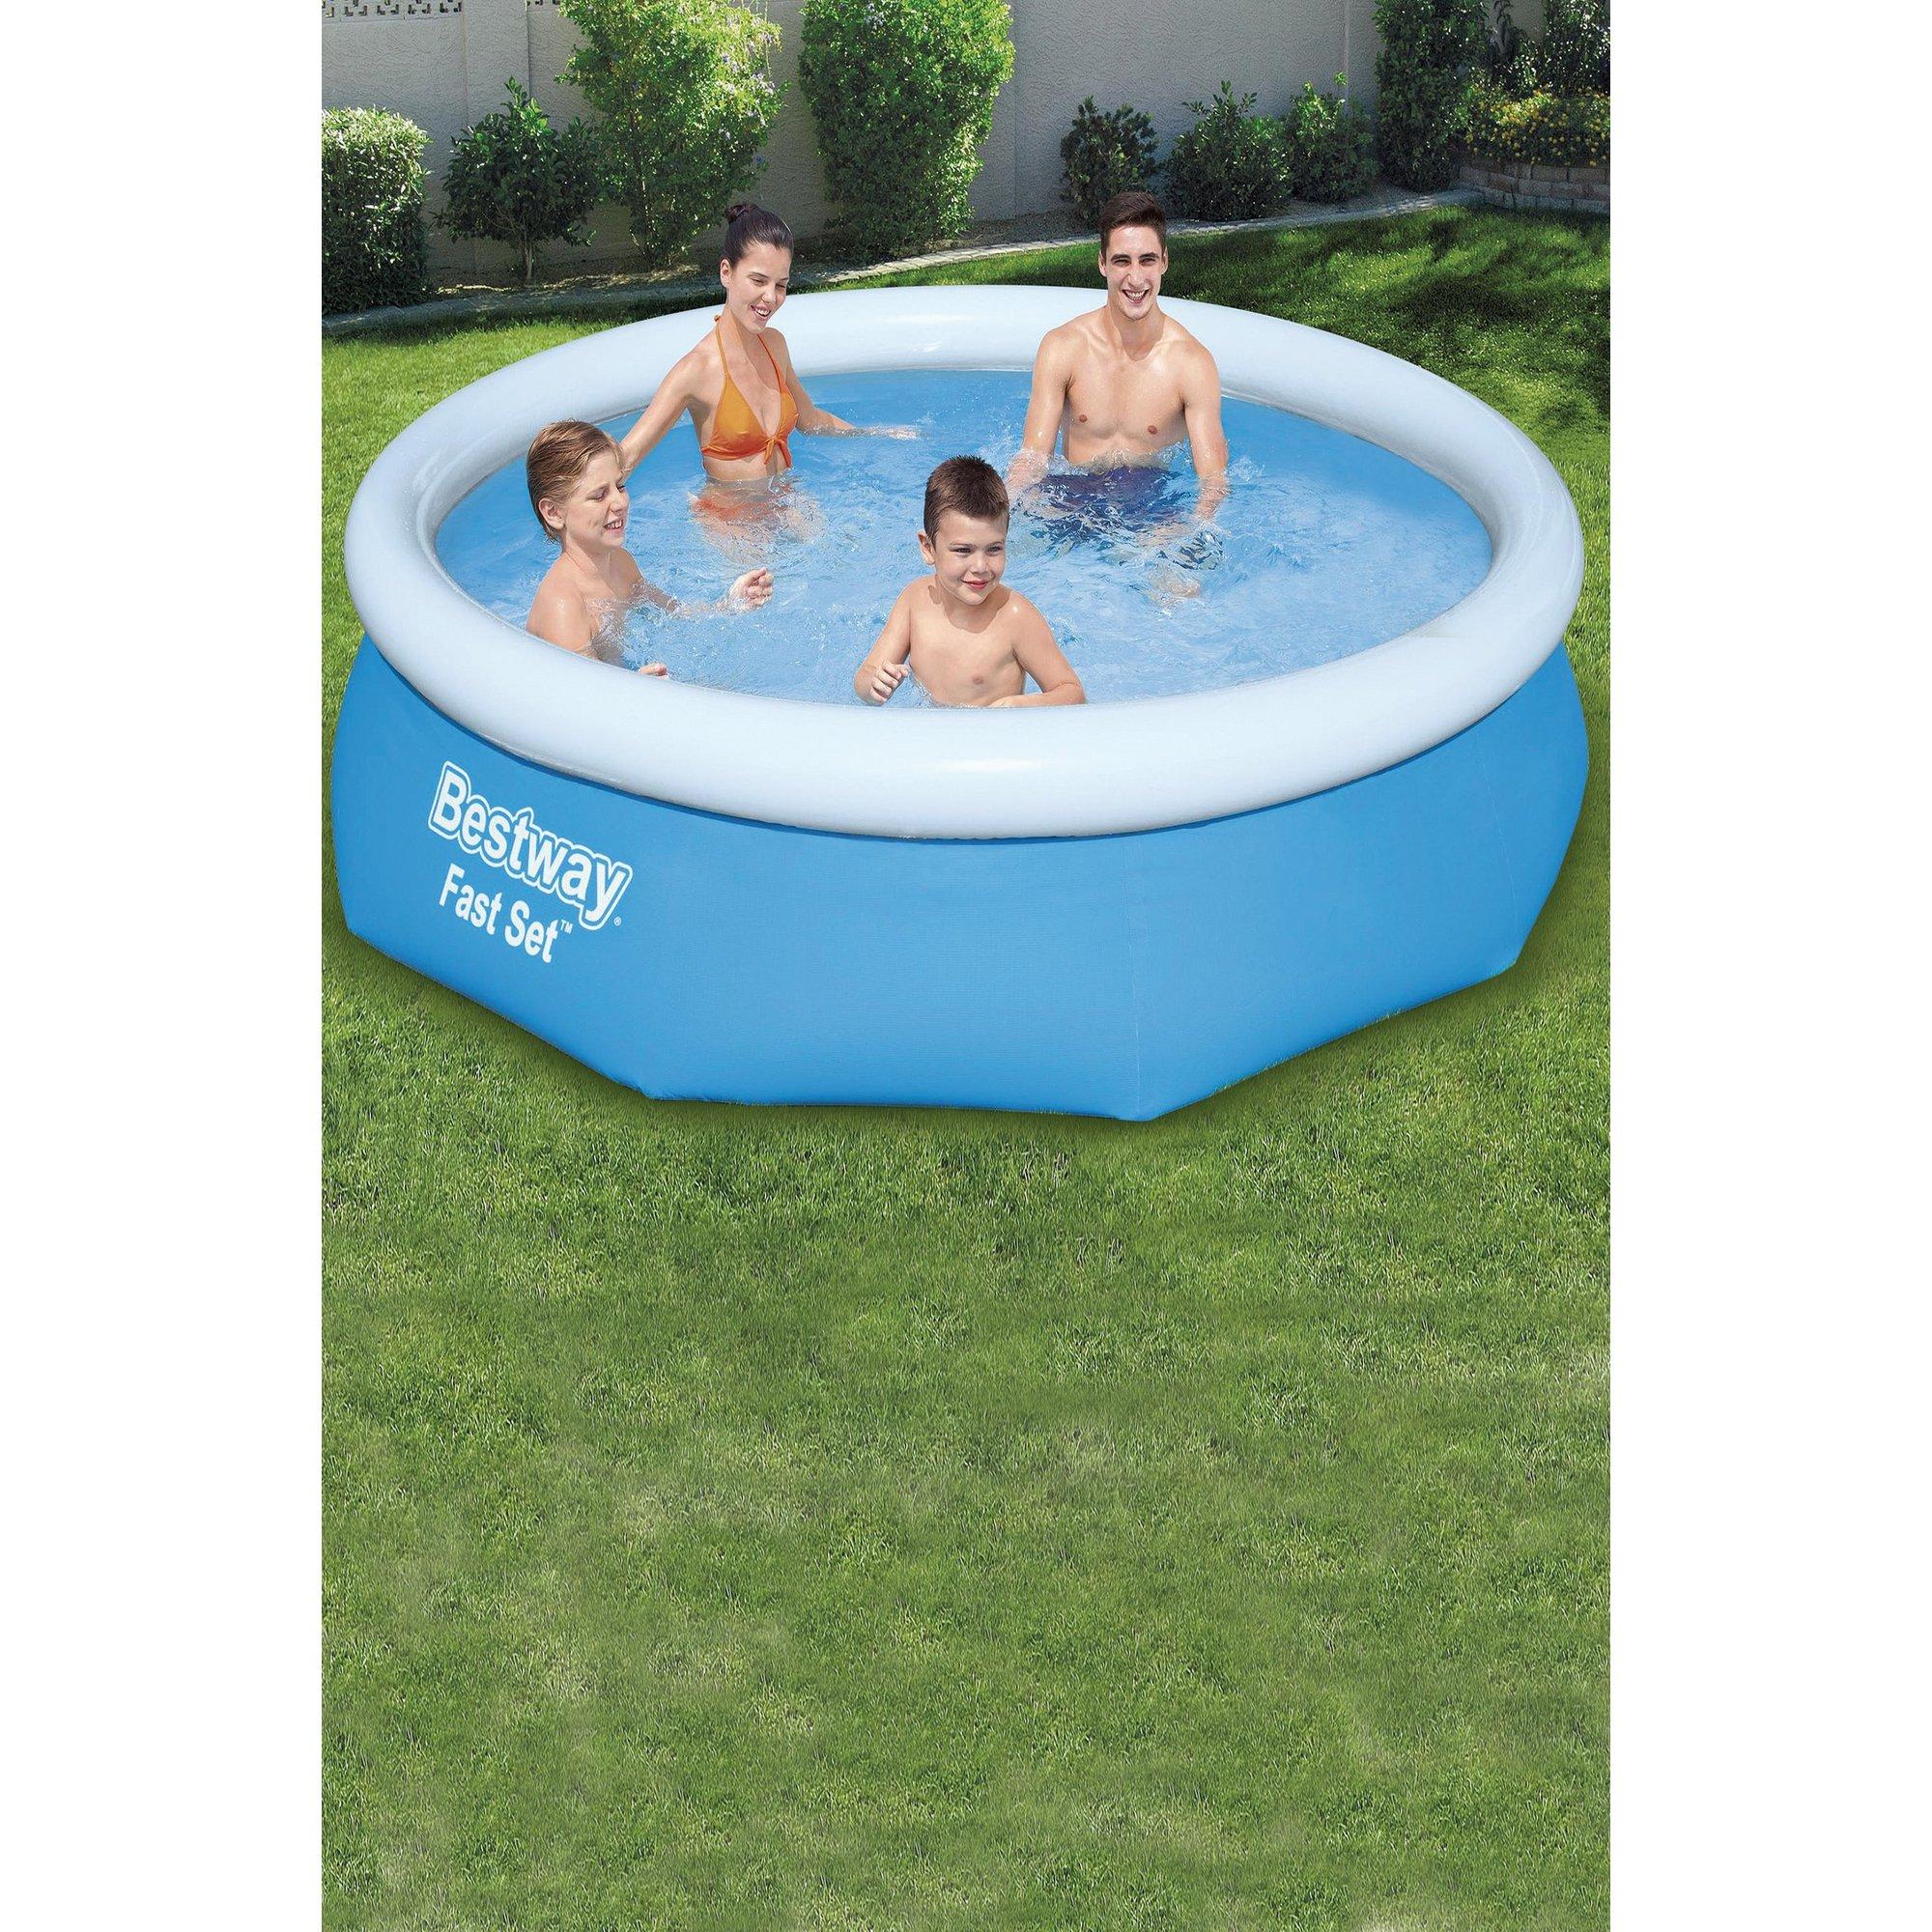 Image of Bestway 10ft Fast Set Pool